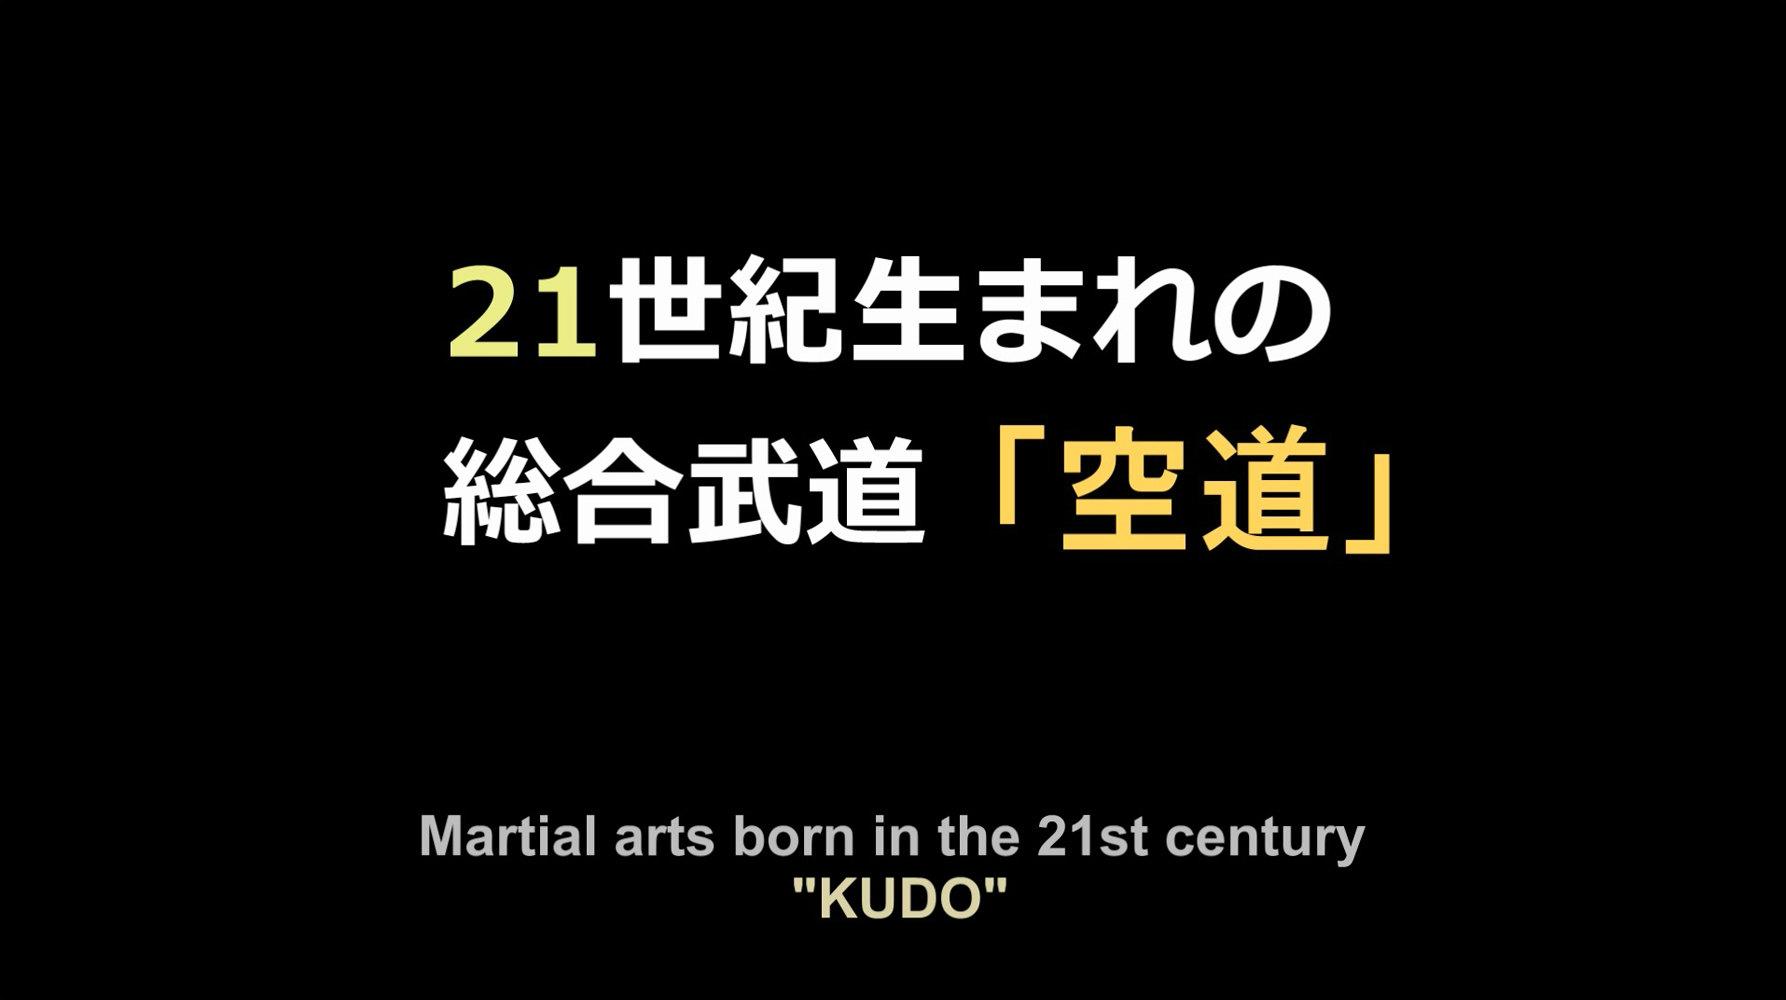 21世紀生まれの総合武道「空道」